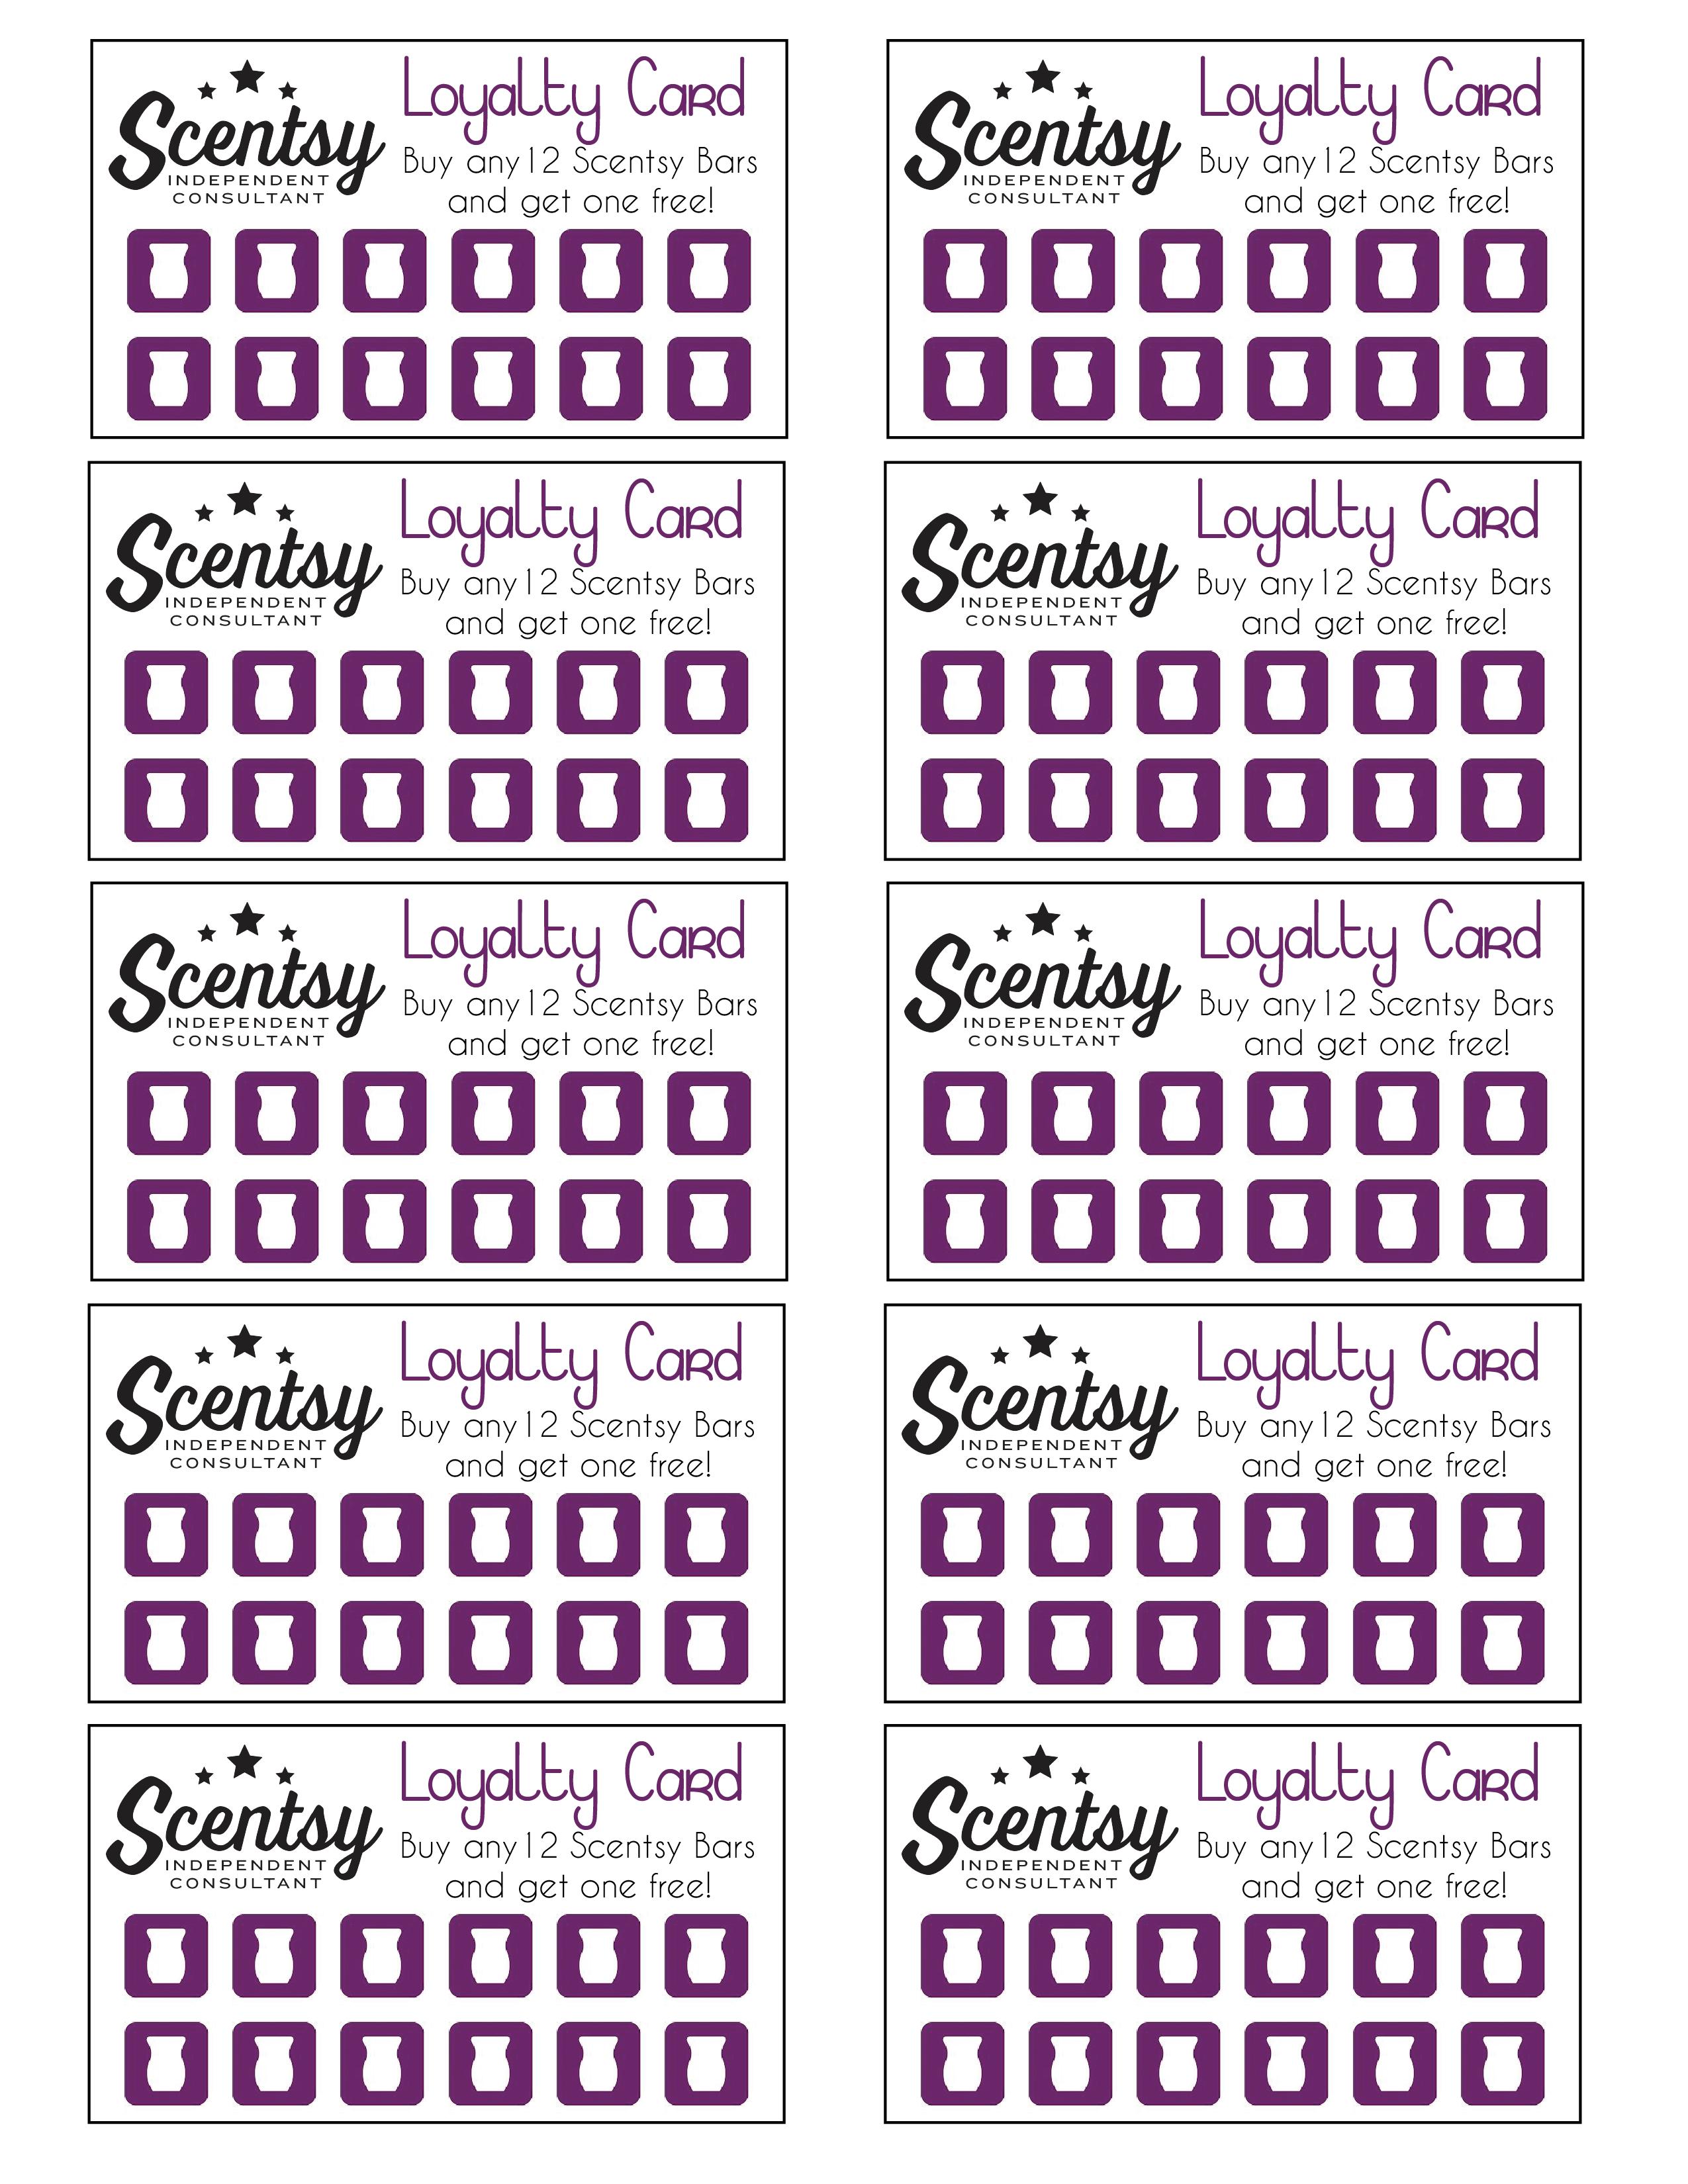 scentsy loyalty card  u2026